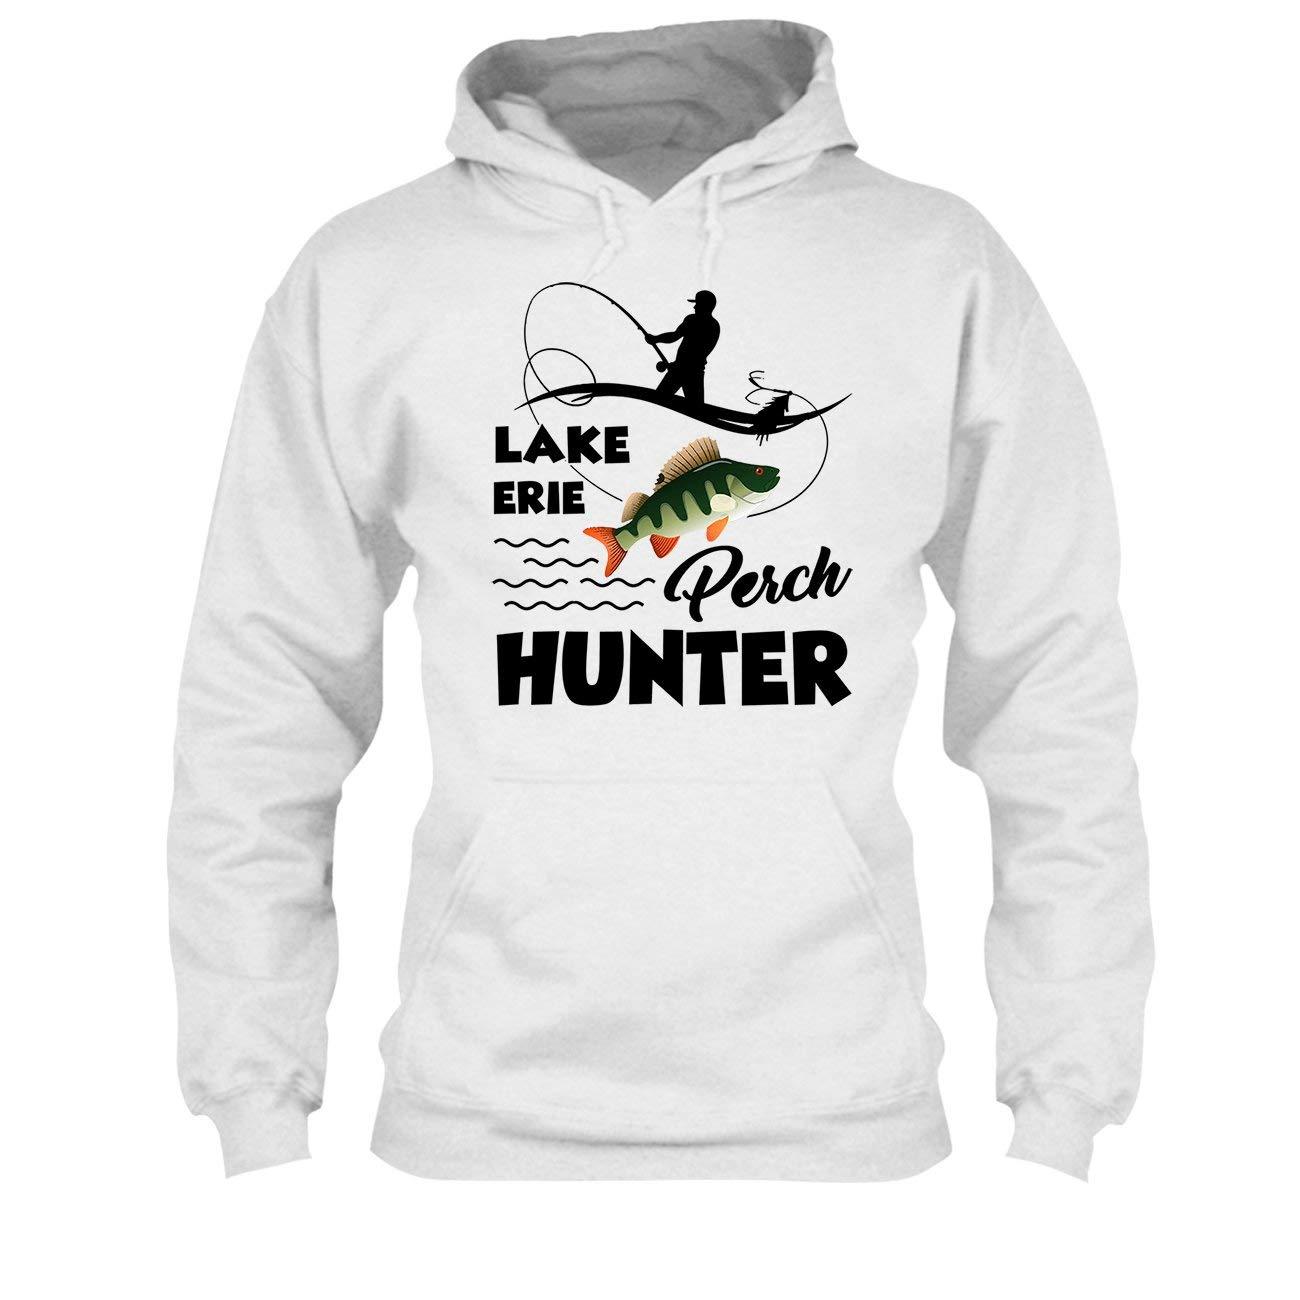 Hoodies Fishing Perch Hunter Tee Shirt Shirt